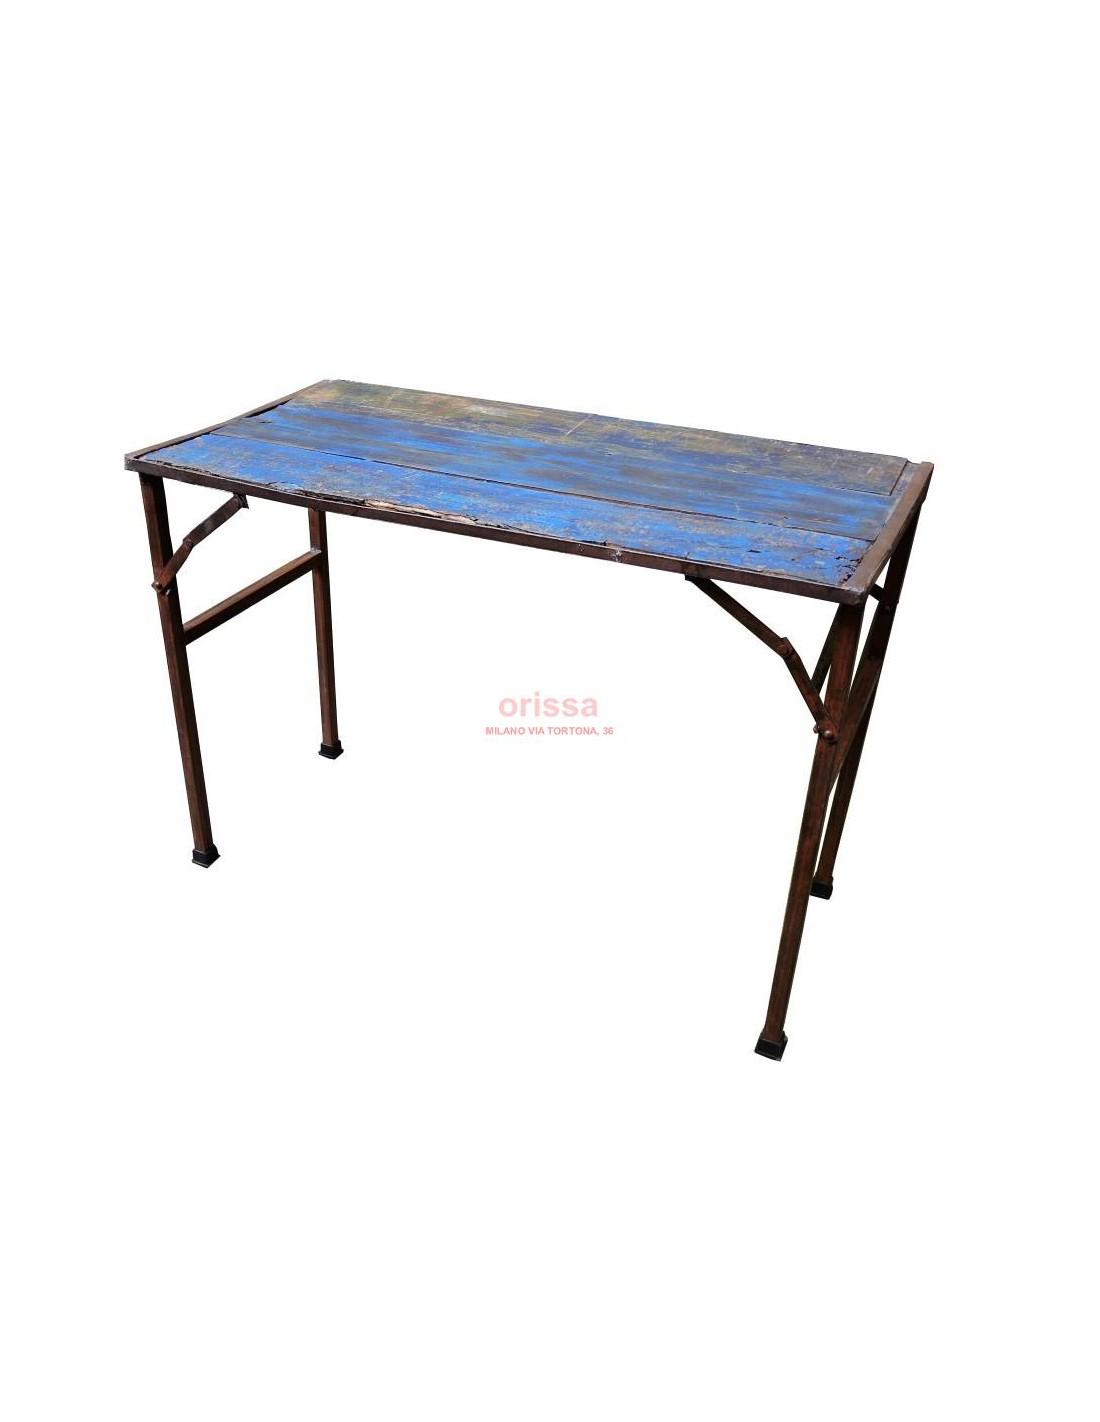 Tavoli Allungabili E Pieghevoli.Tavolo Ferro E Legno Pieghevole D0906 Orissa Mobili Coloniali